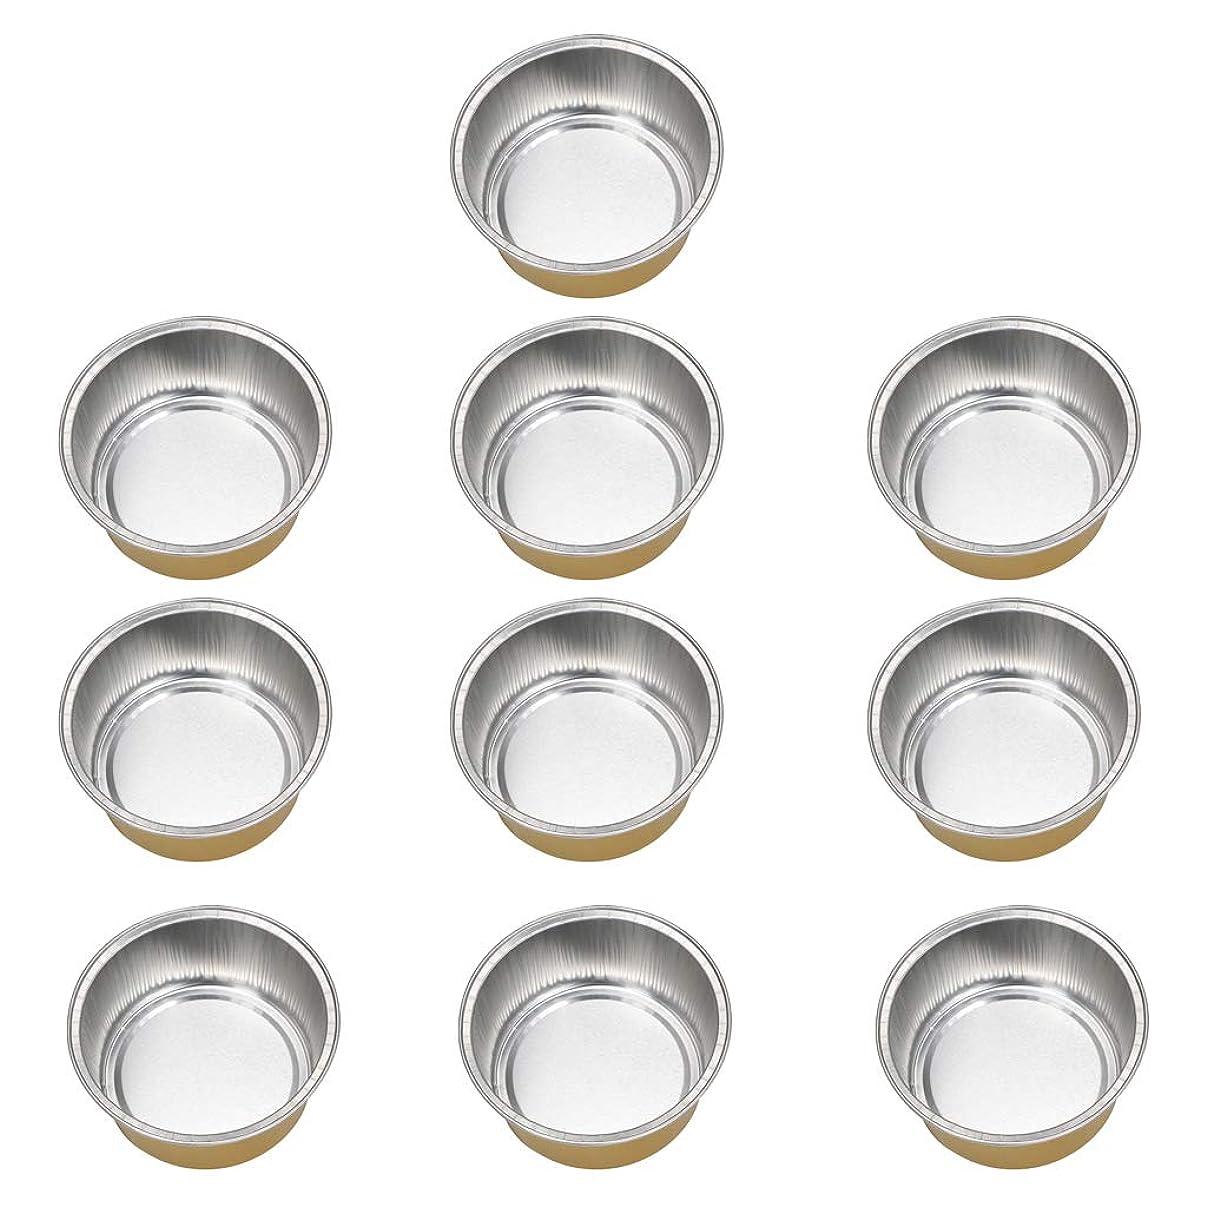 病院日付ファイルFLAMEER 10個 ワックスボウル ミニボウル アルミホイルボウル ワックス豆体 溶融 衛生的 2種選ぶ - ゴールデン2, 02